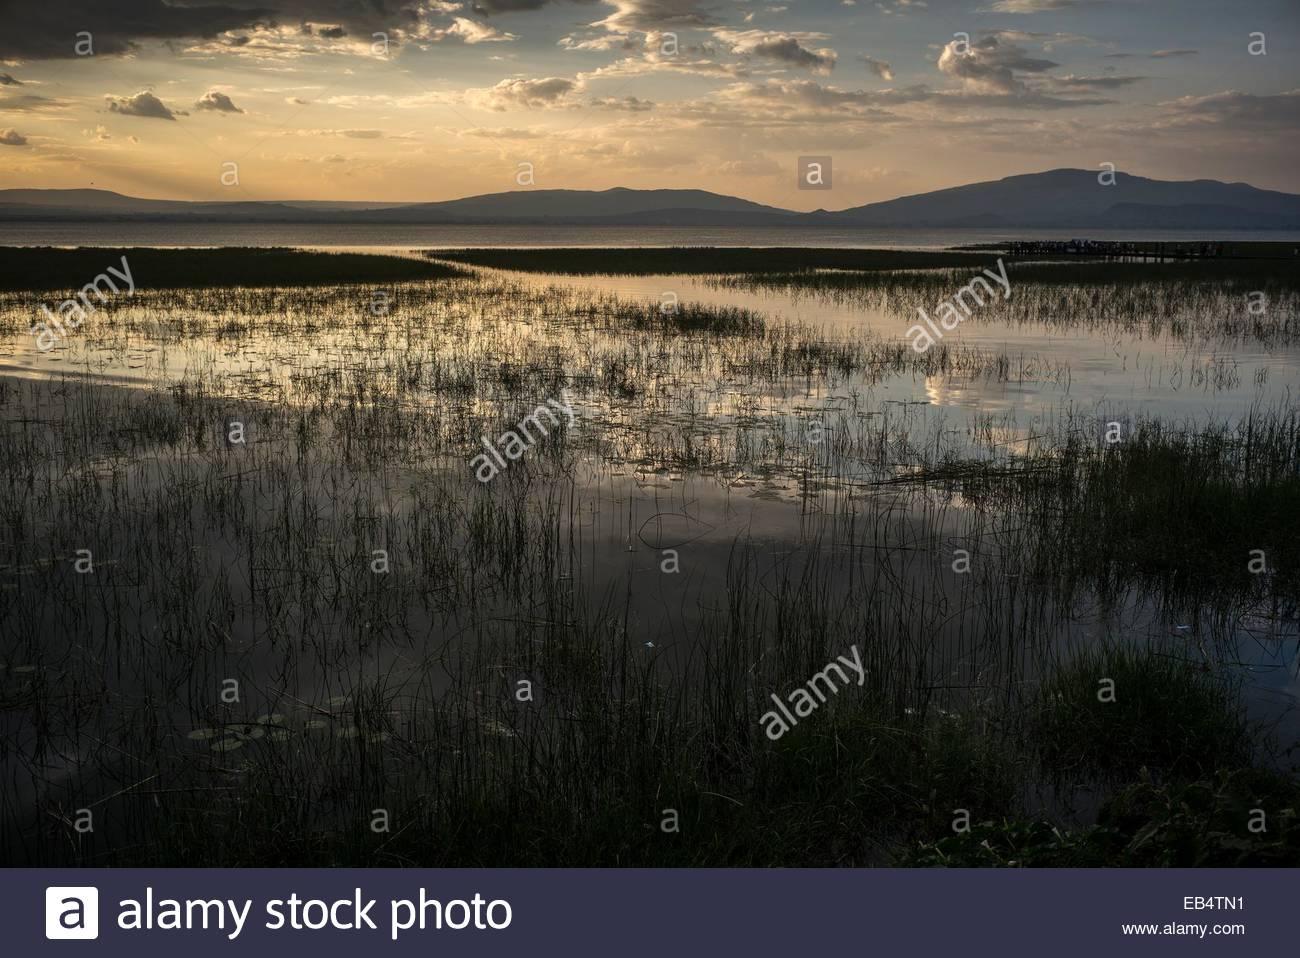 Lake Awasa at dusk. - Stock Image